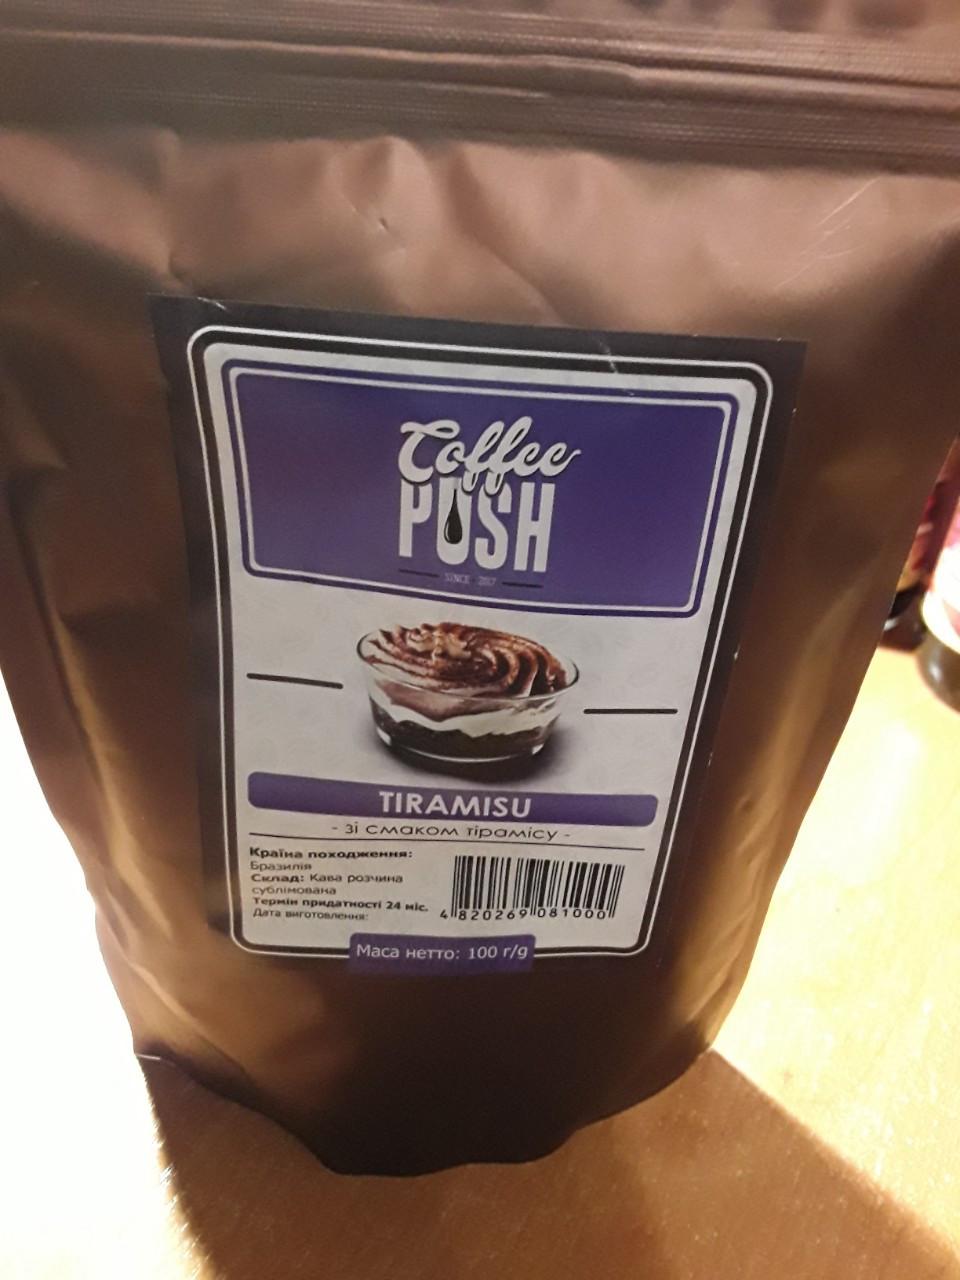 Кофе PUSN 100% ARABICA  вкус  ТИРАМИССУ  БРАЗИЛИЯ 100 грамм